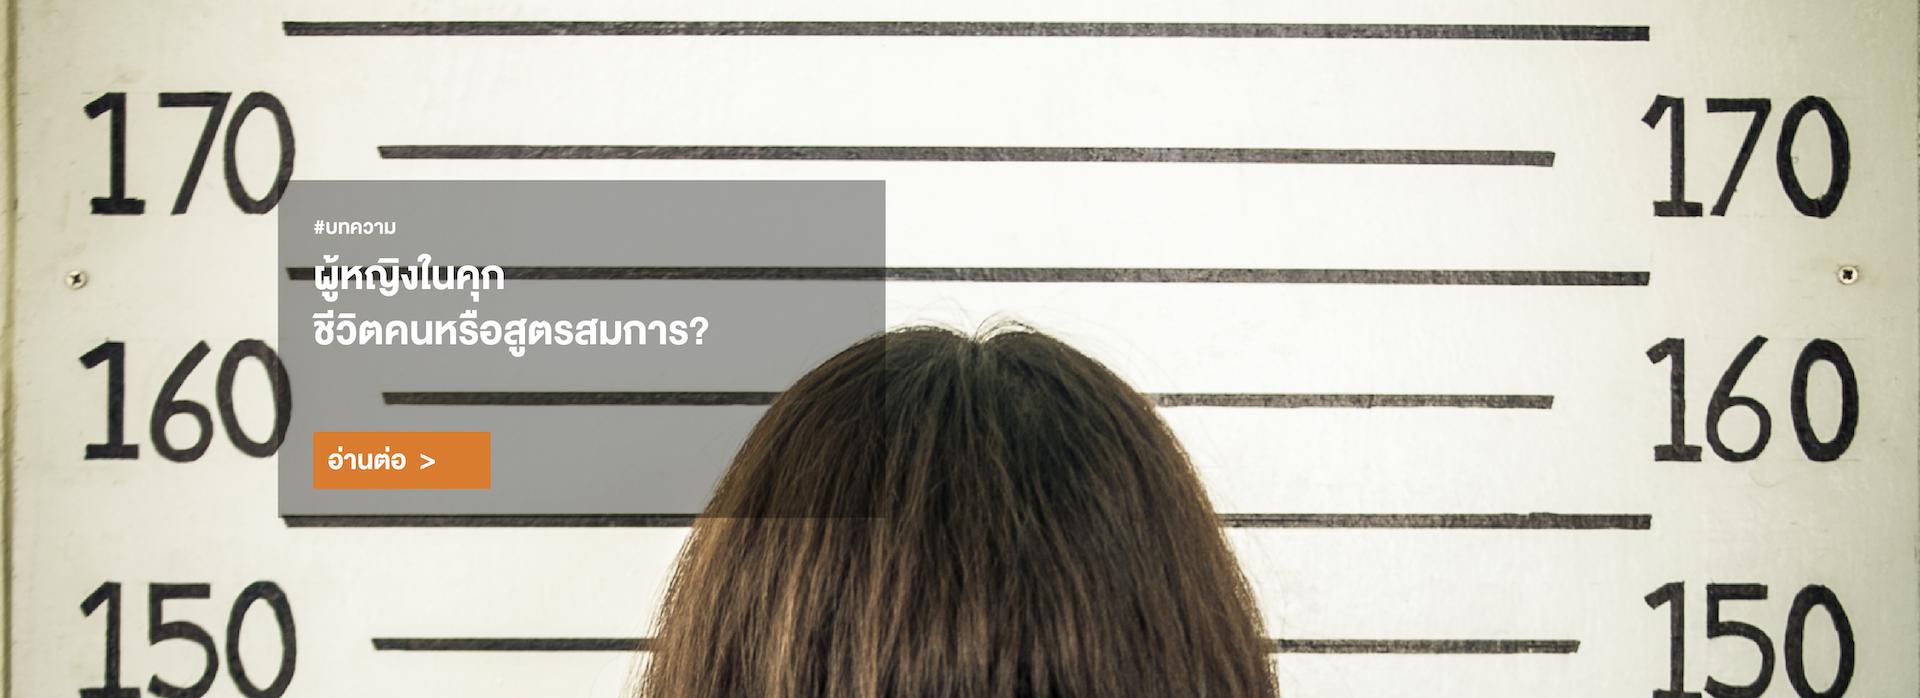 ผู้หญิงในคุก ชีวิตคนหรือสูตรสมการ